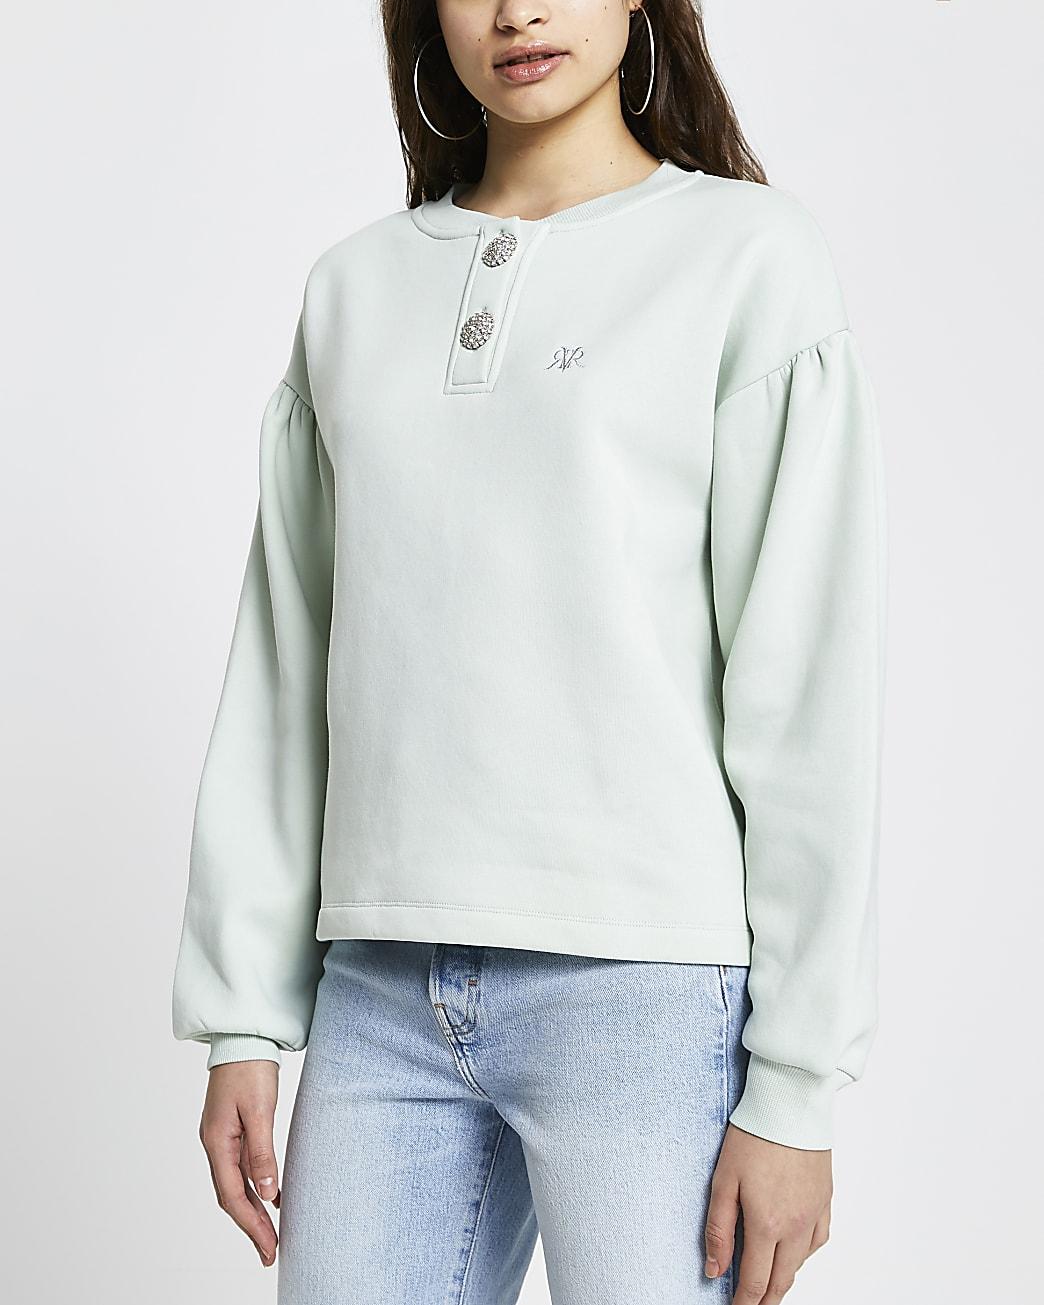 Green 'RVR' diamante button sweatshirt